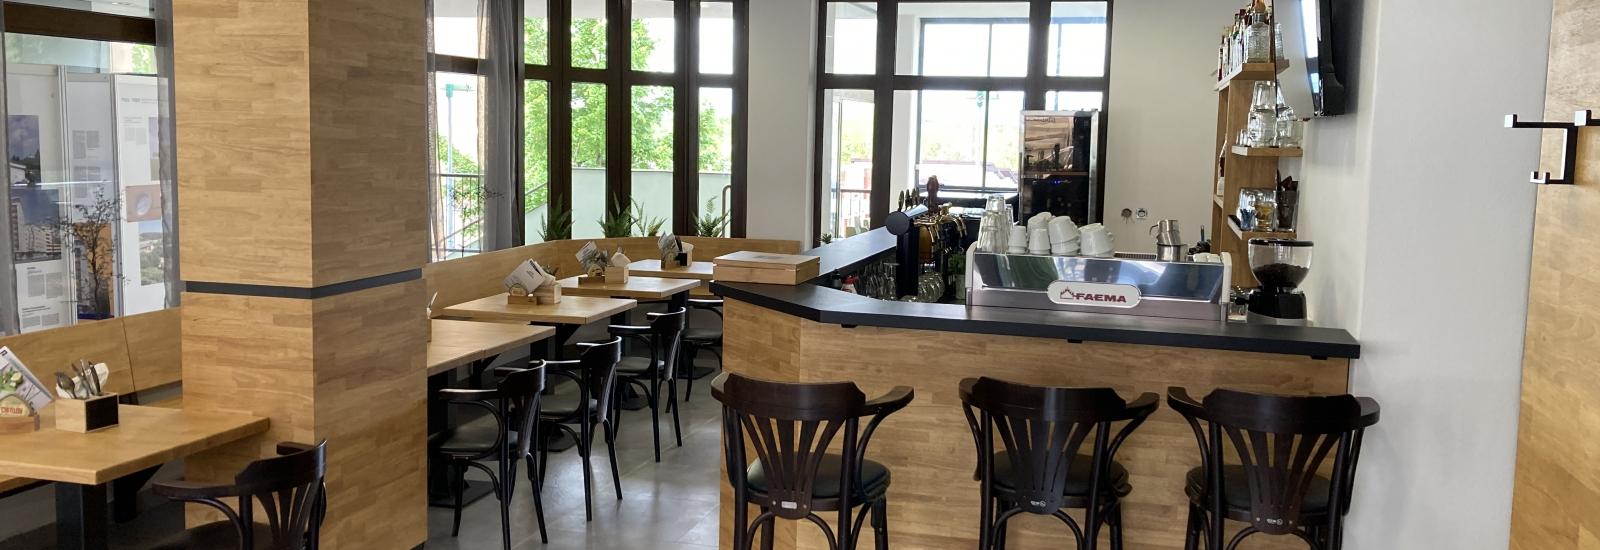 Bistro Panorama - domácí kuchyně v srdci Hluboké nad Vltavou